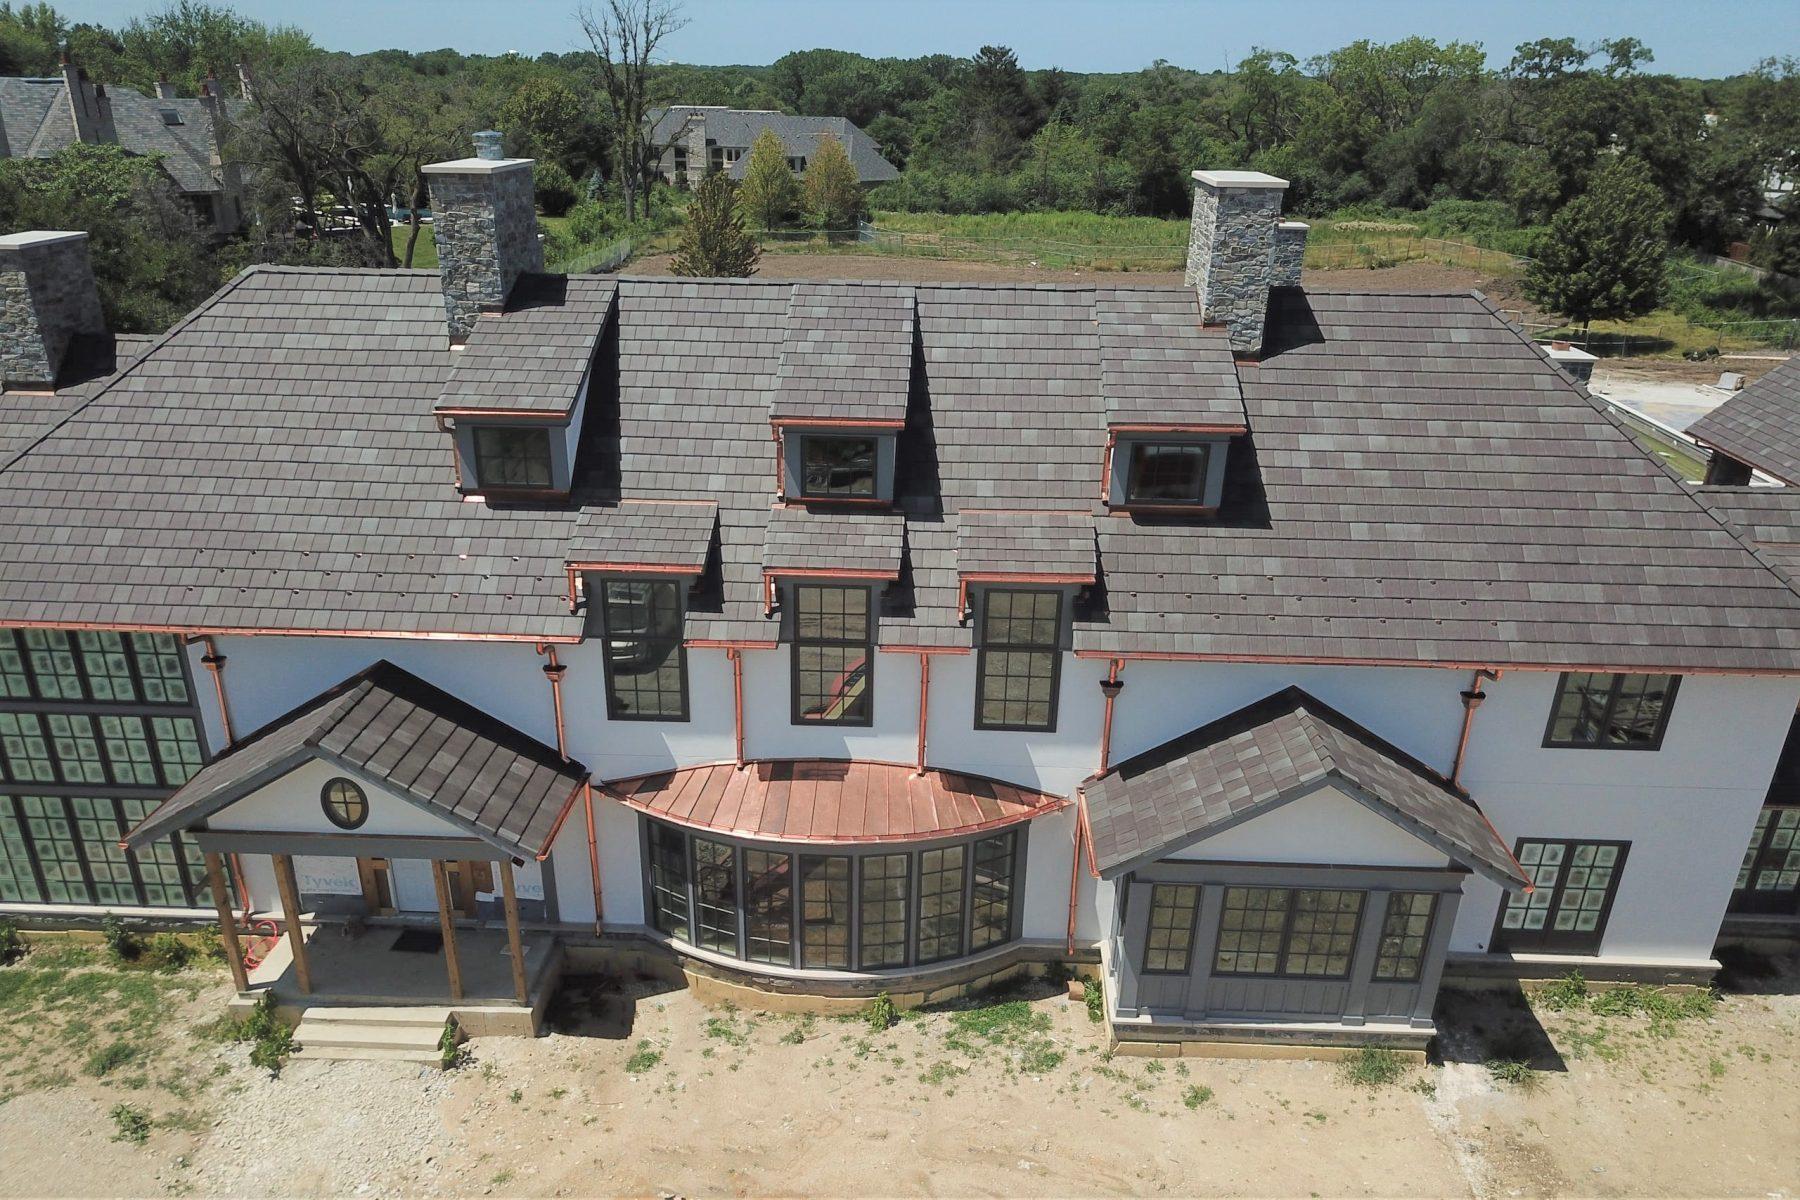 burr ridge tile roofing front view